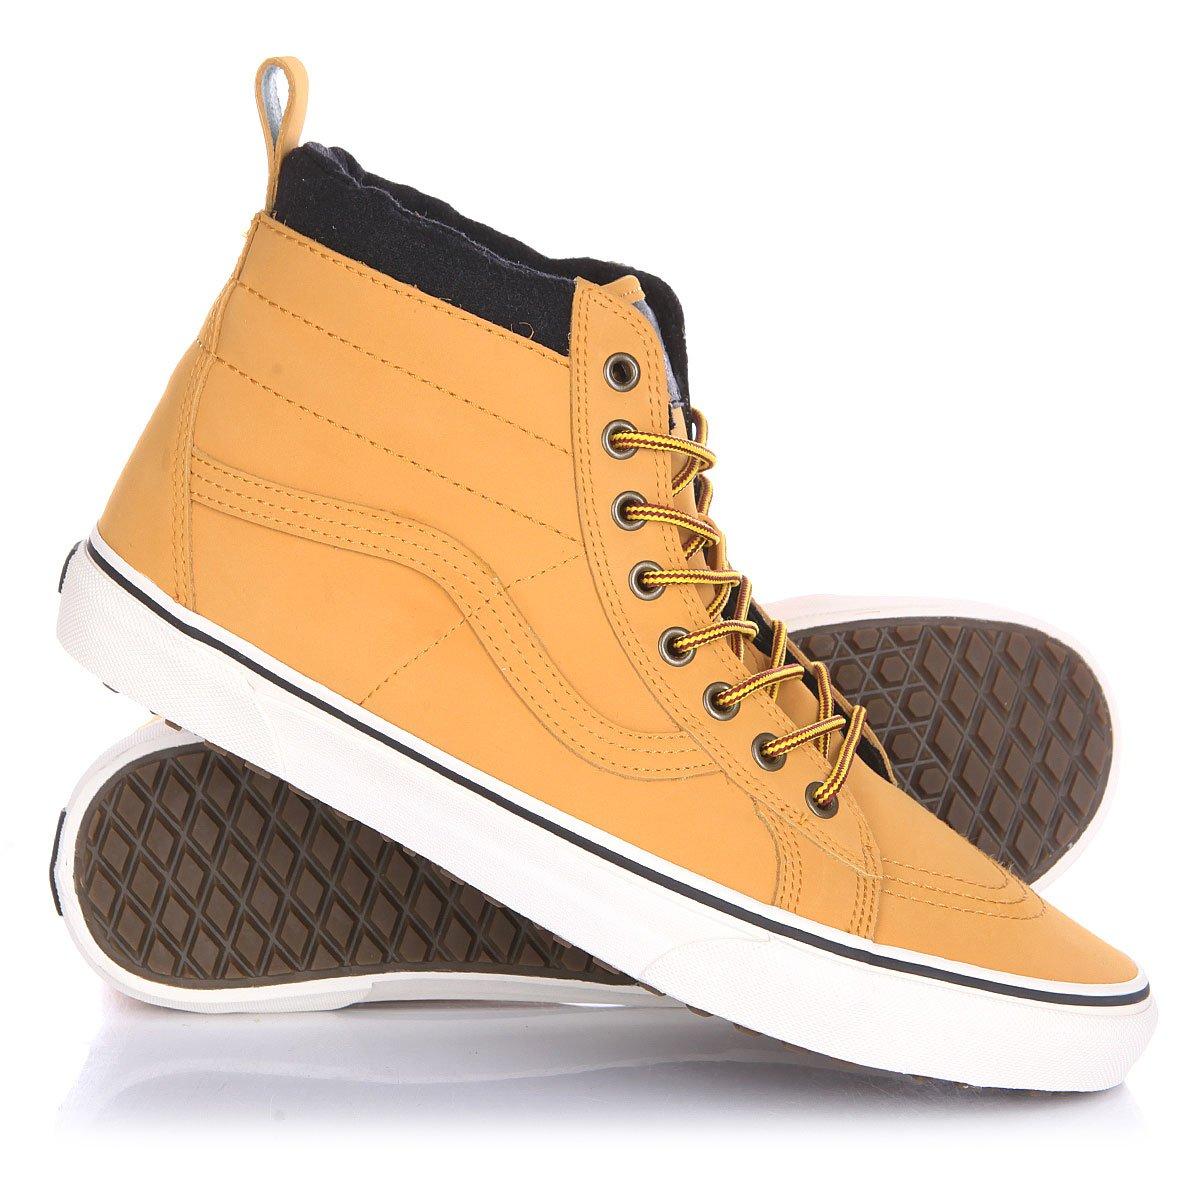 02ec4fe3e242 Купить кеды высокие Vans Sk8 Hi Mte Honey Leather в интернет-магазине  Proskater.by